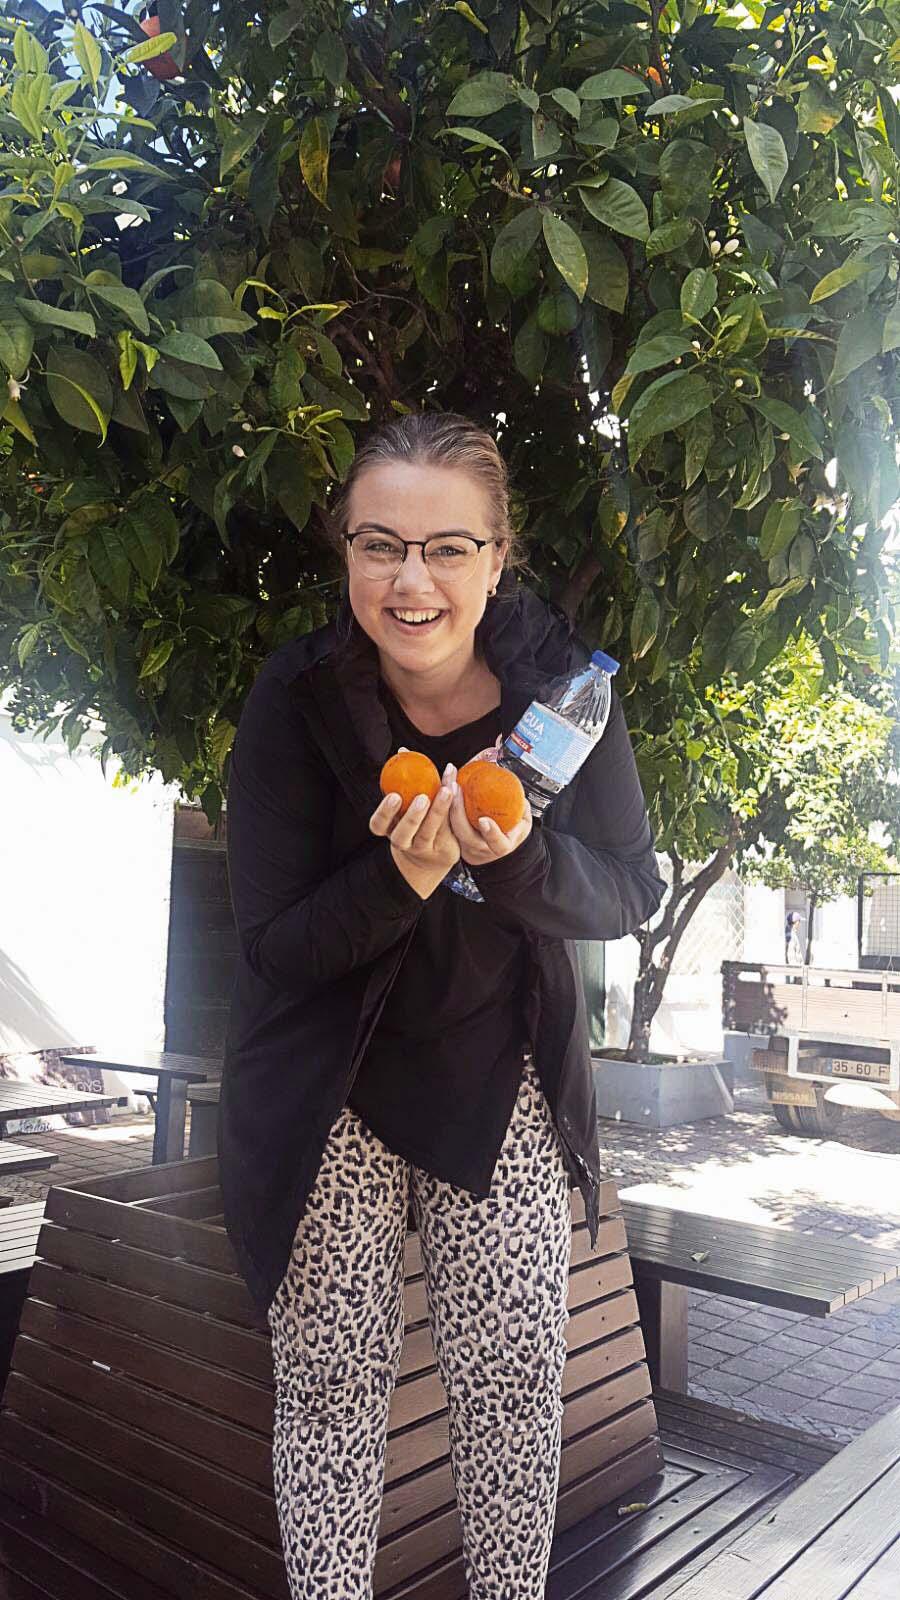 Prieks par apelsīniem un apelsīnu kokiem Portugālē 2018. gada martā